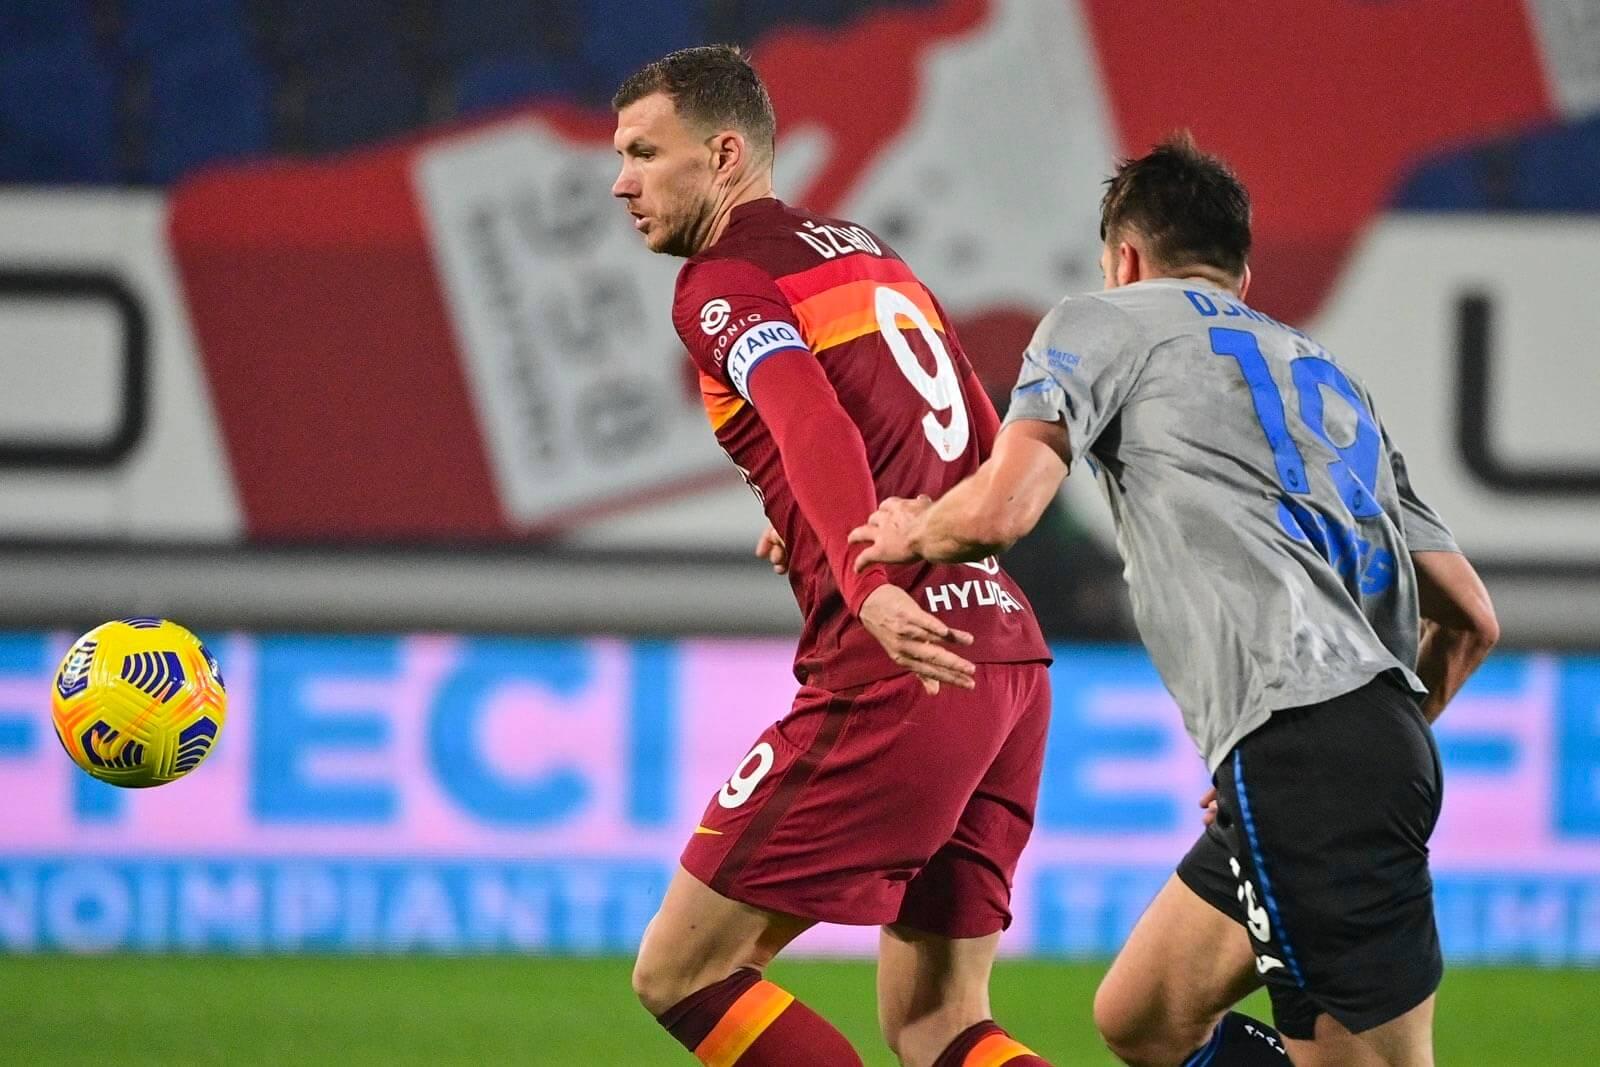 ملخص واهداف مباراة اتالانتا وروما (4-1) في الدوري الايطالي